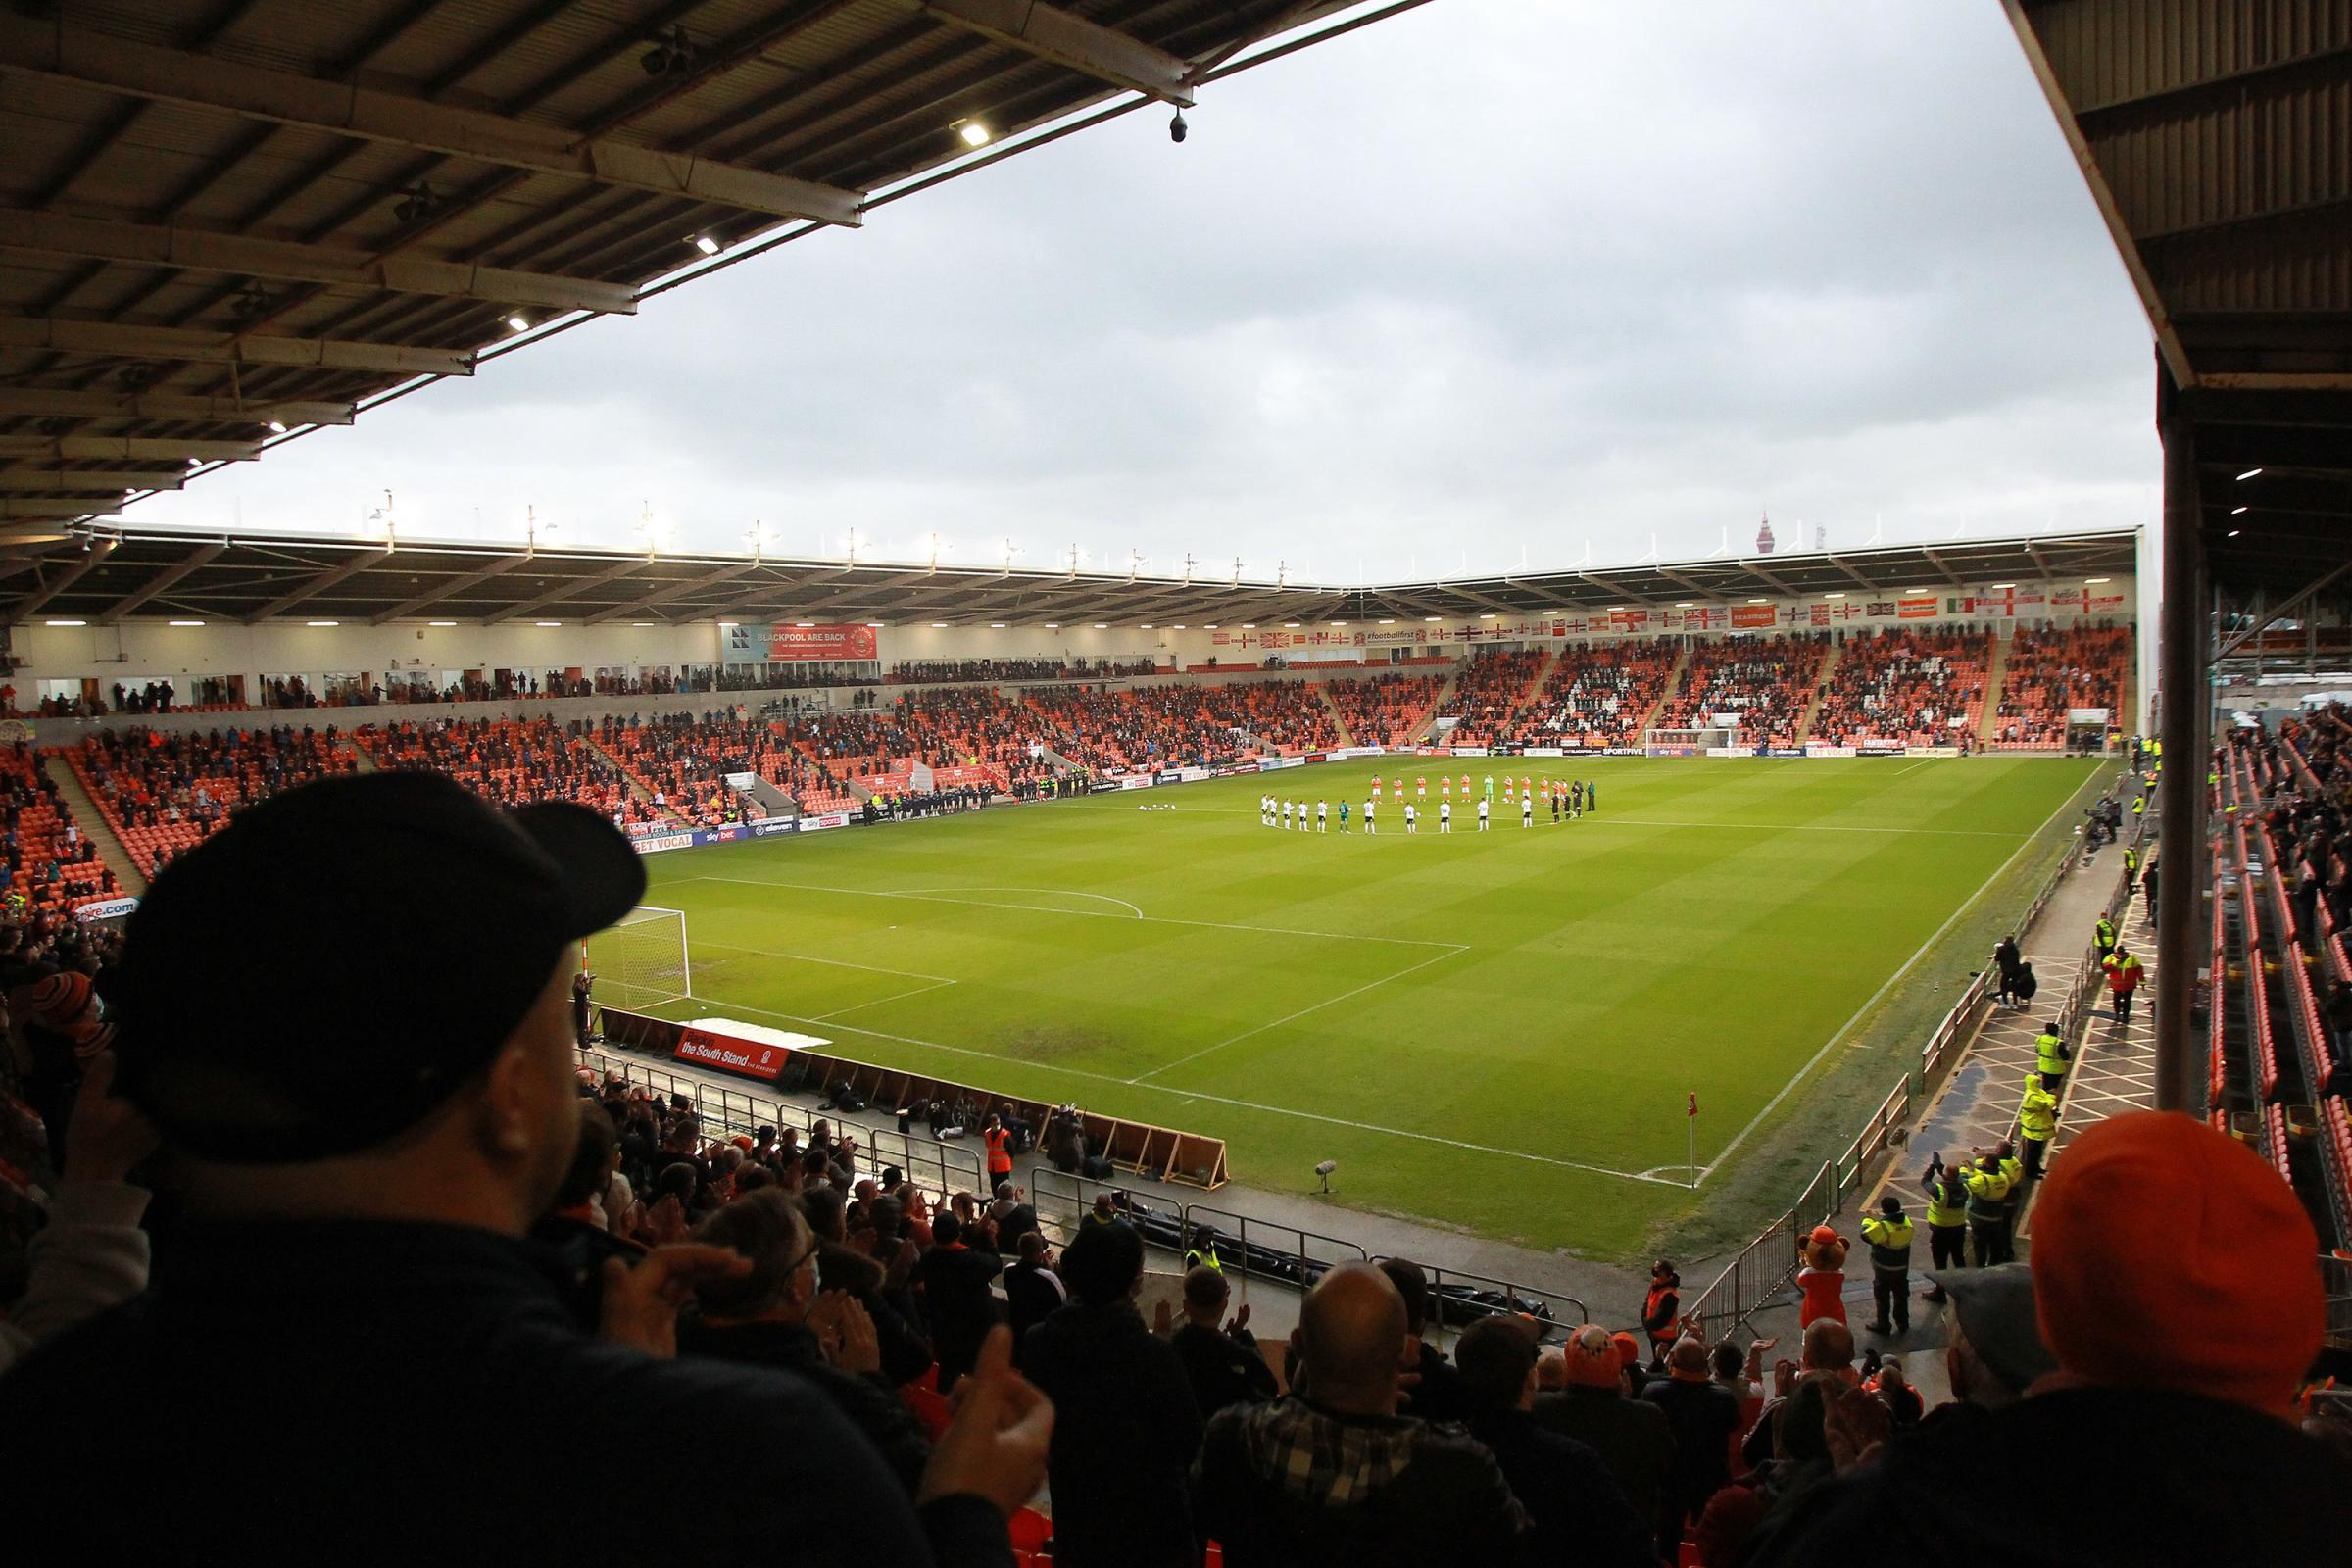 La policía responde al manejo de multitudes del partido de fútbol: Blackpool North V Preston North End